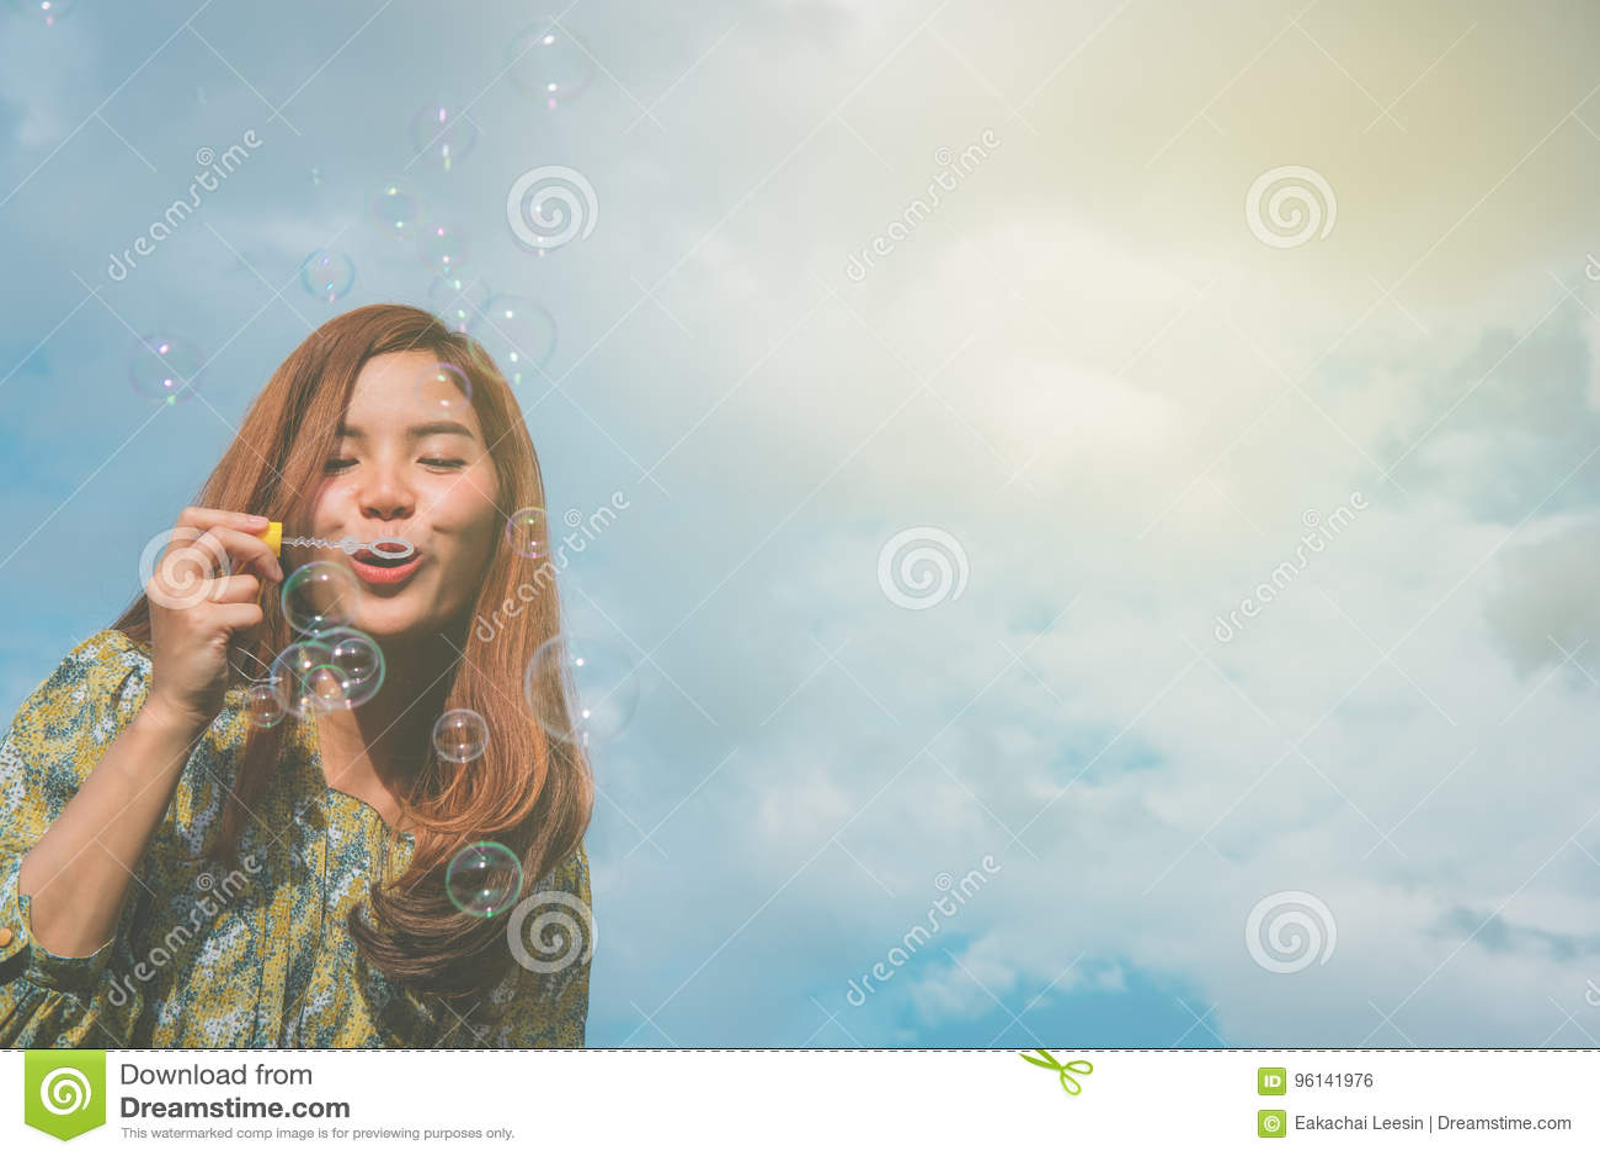 Asian girls blowing